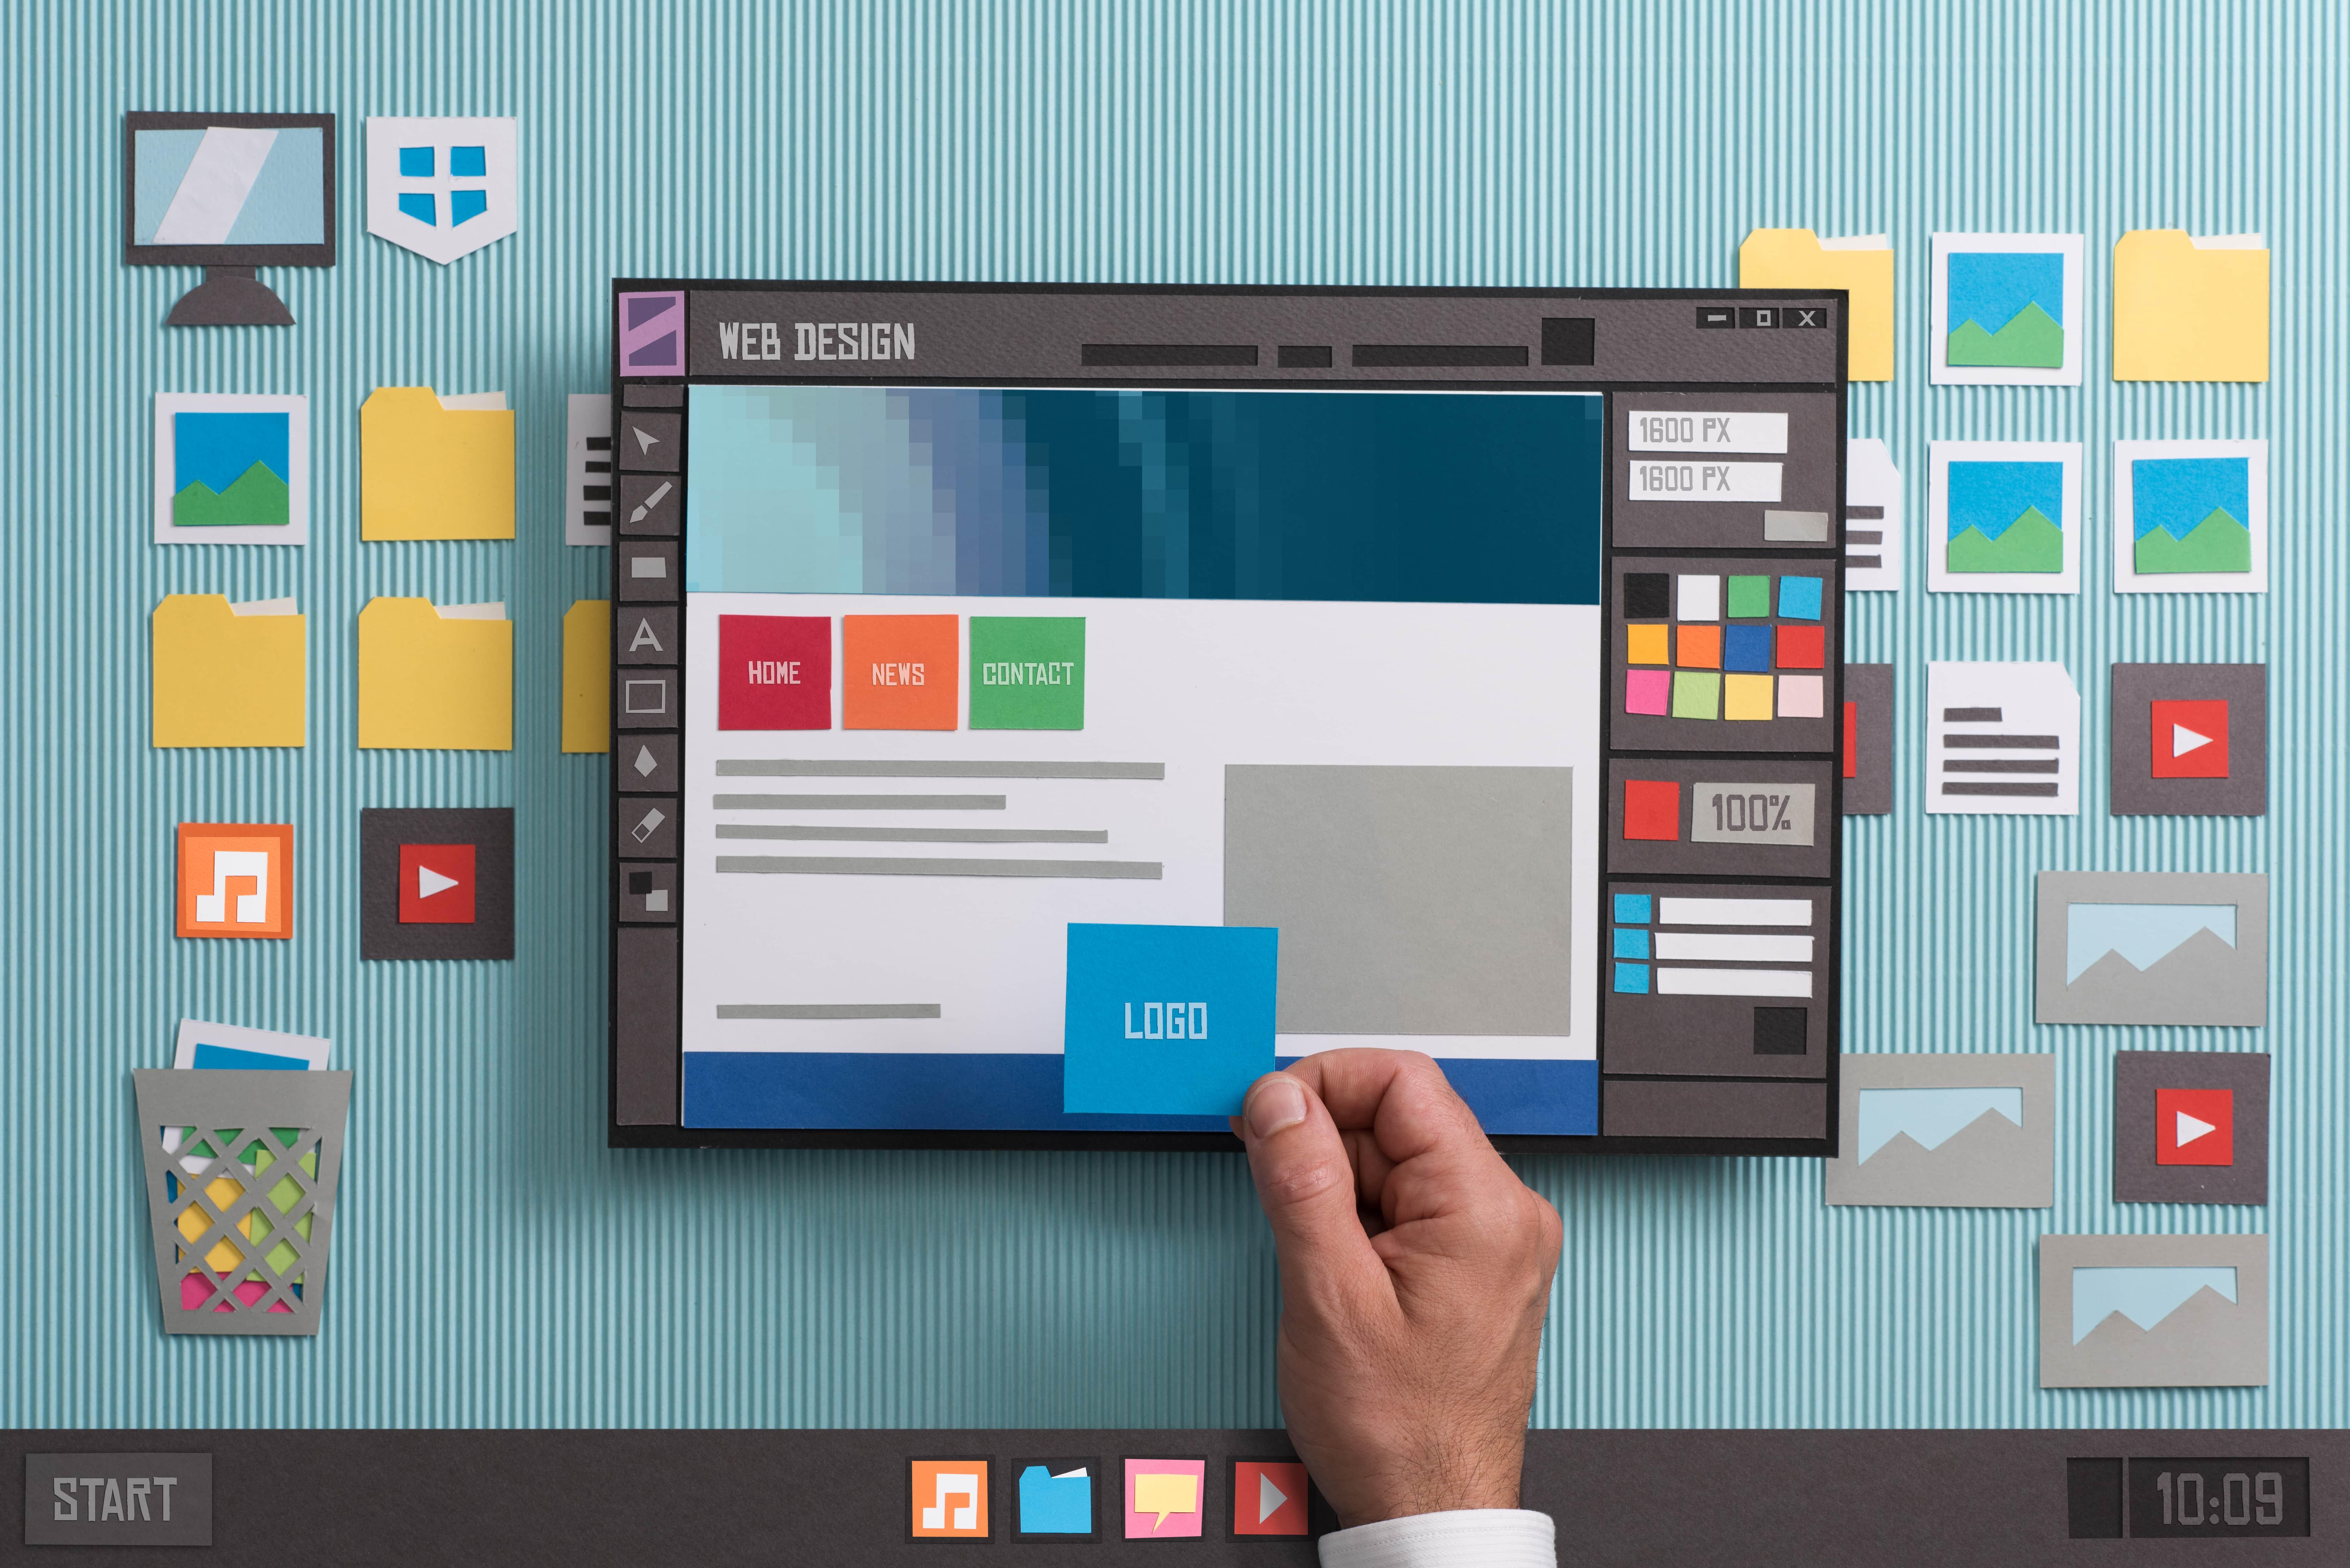 web-design-software-PL5SBAH-min